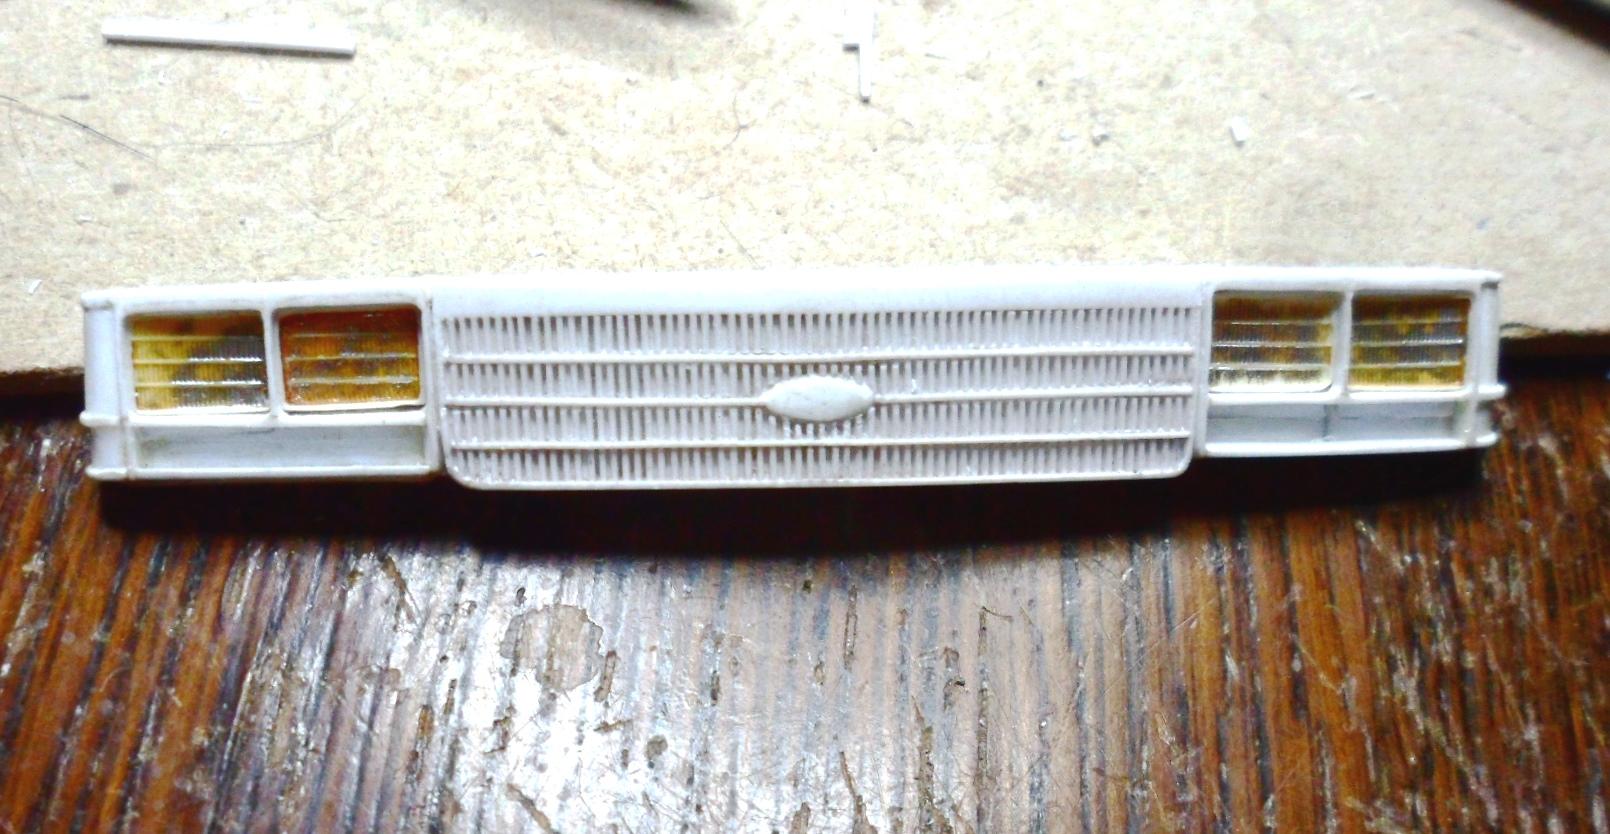 180314 - 91 CV Grille Dunn (2).JPG